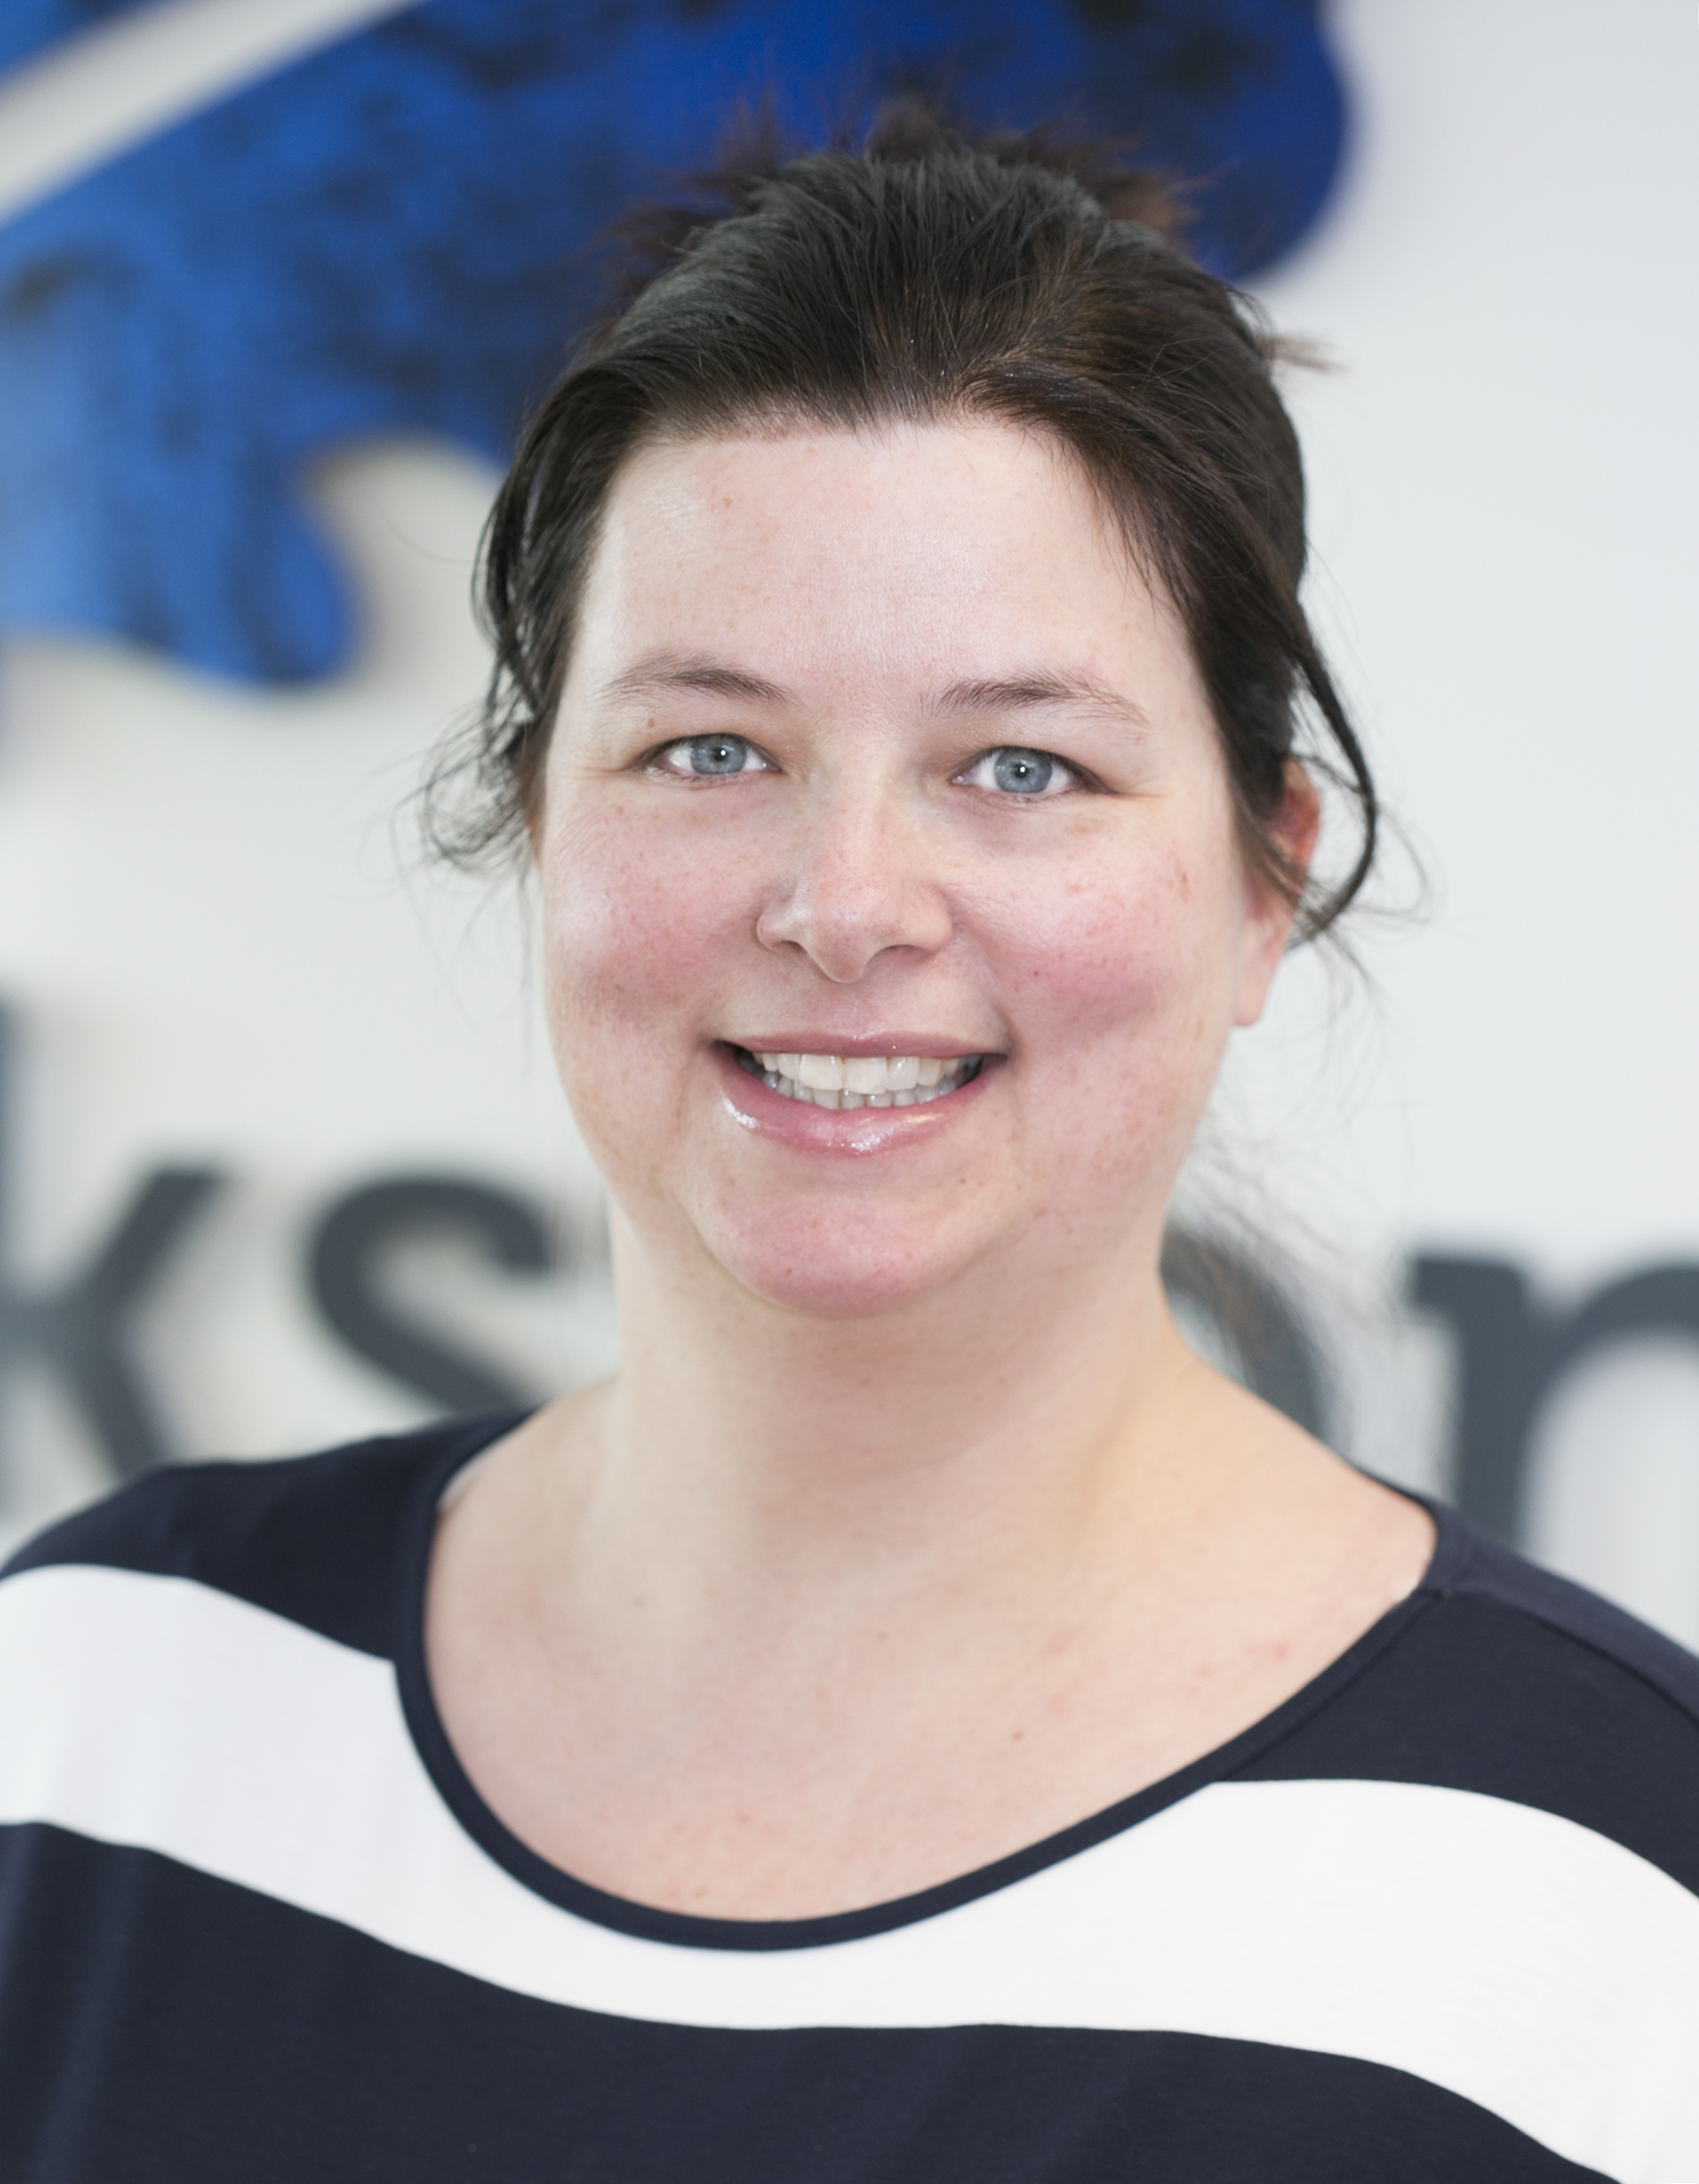 Oakstone international executive search Lisa Knight